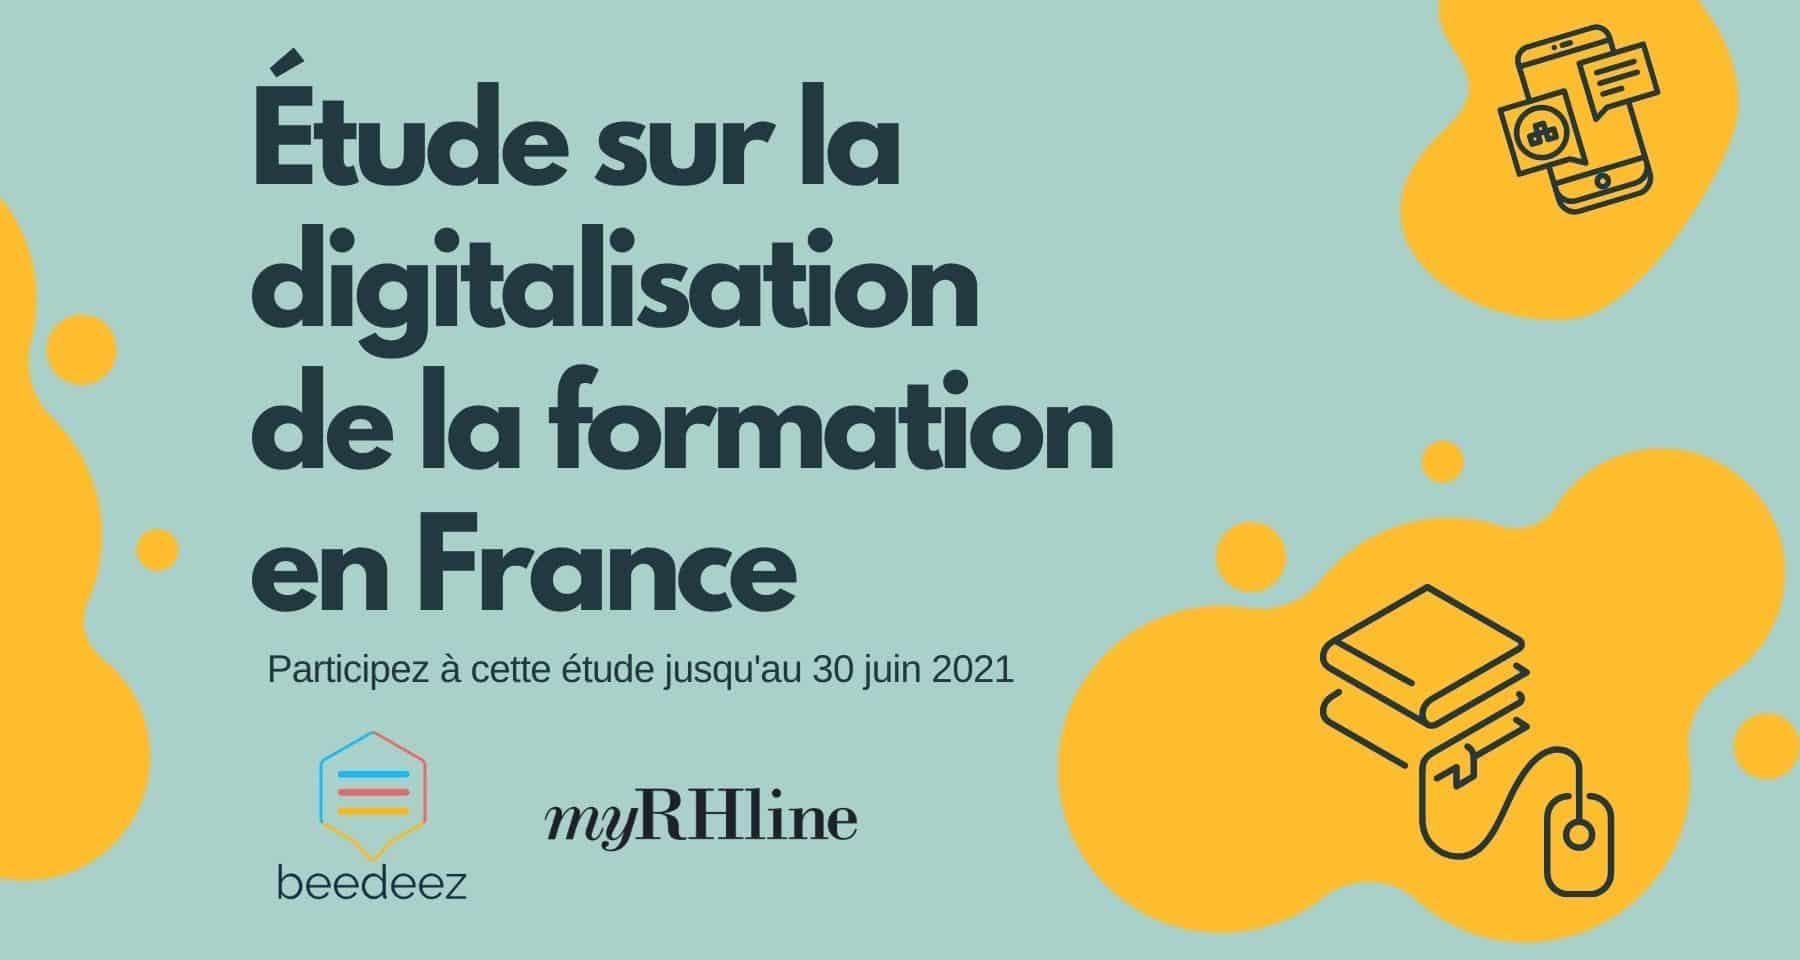 Étude sur la digitalisation de la formation en France